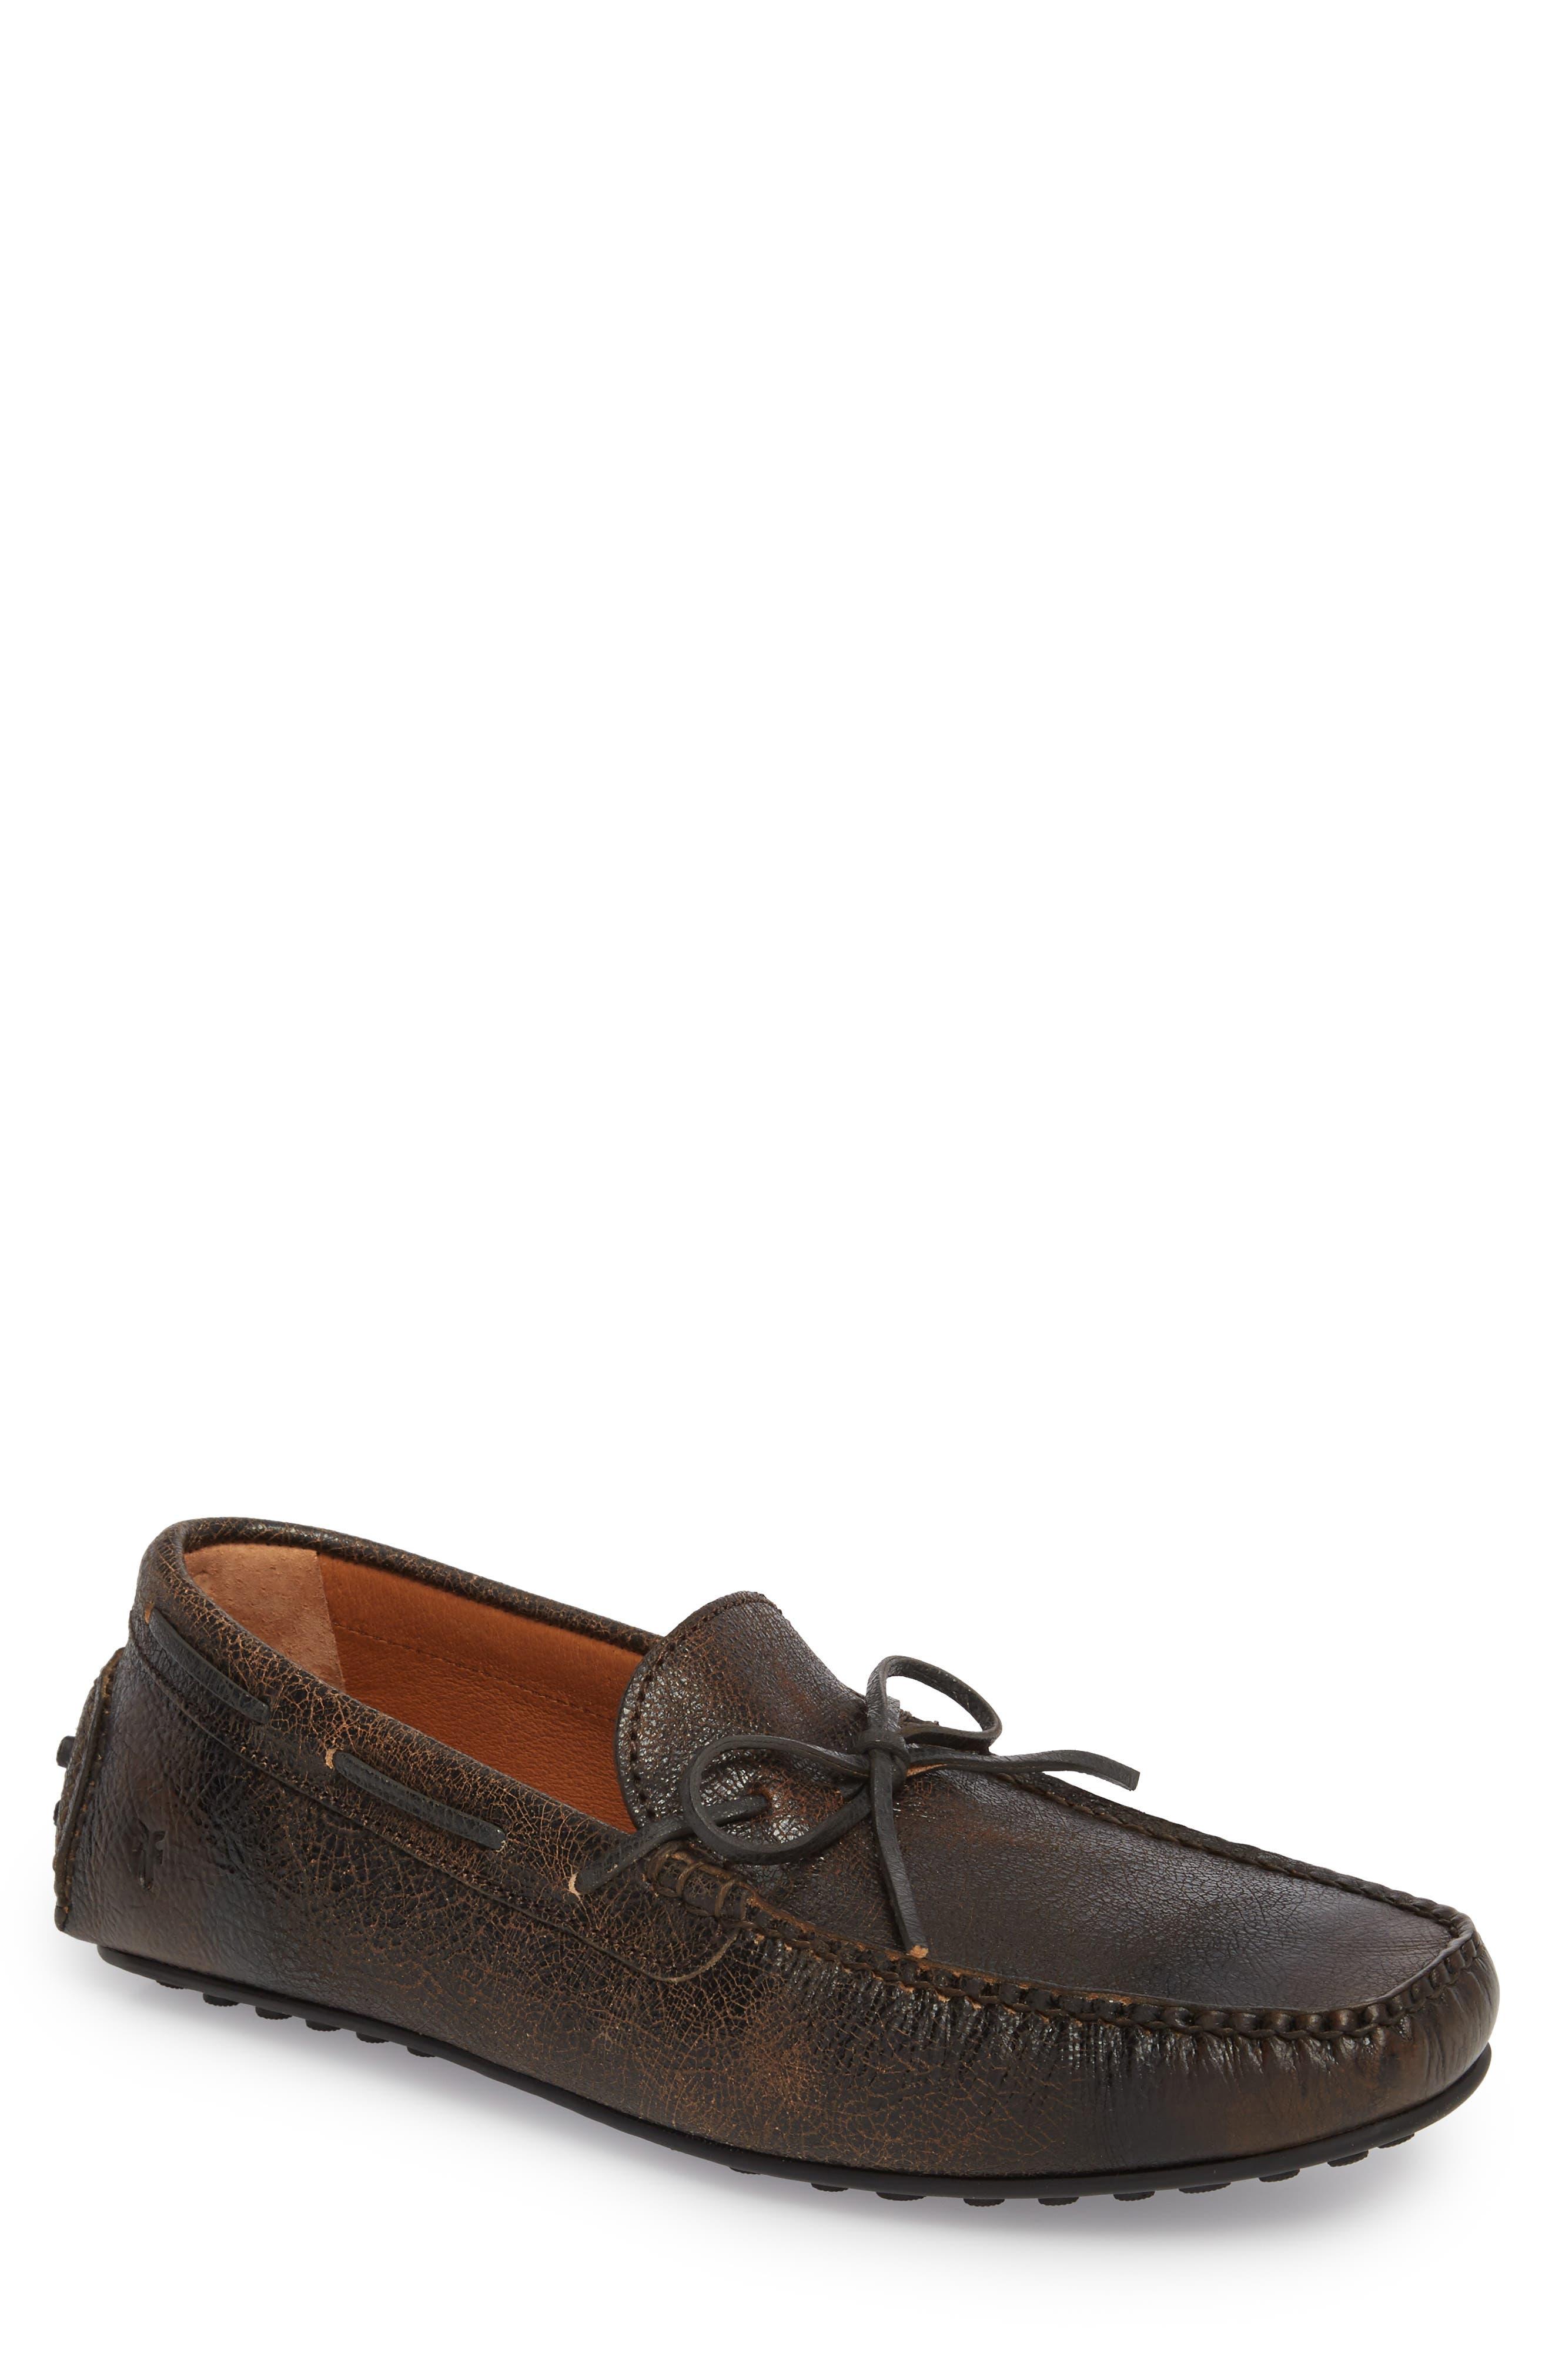 Allen Loafer,                         Main,                         color, Dark Brown Leather